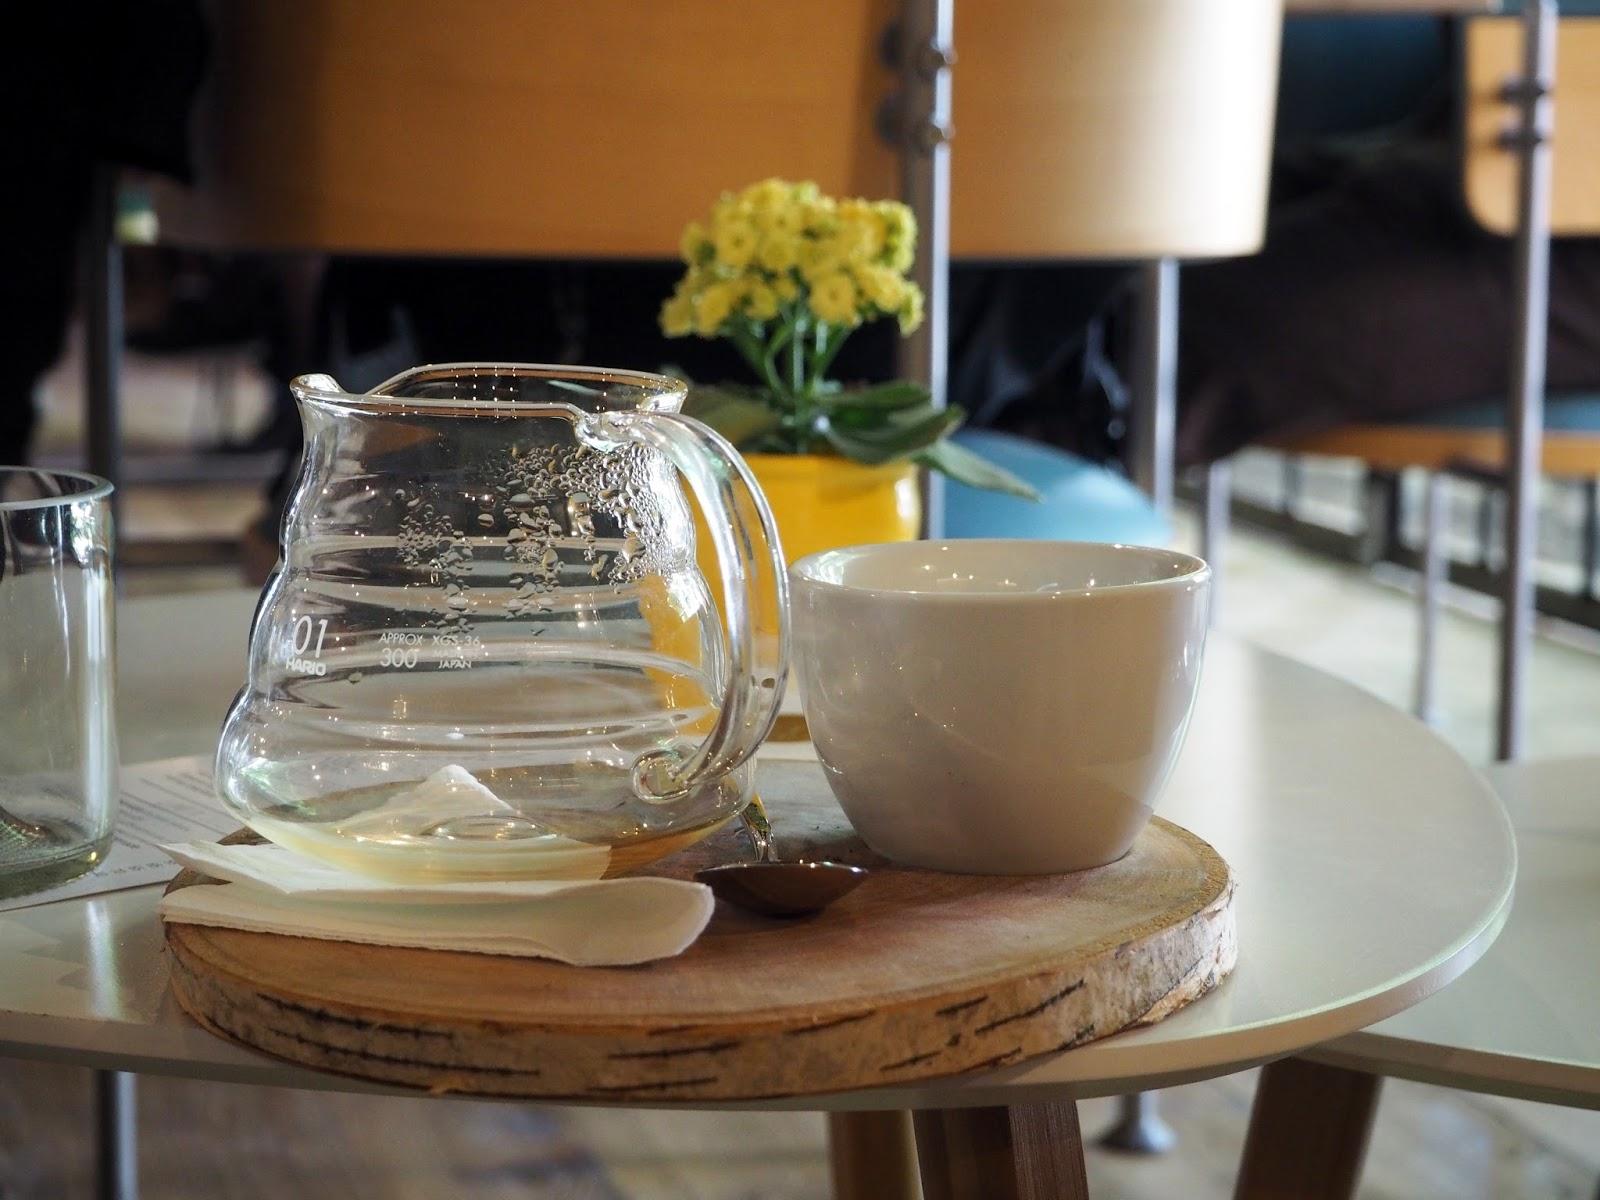 kavárna co hledá jméno kavárna praha anděl smichov výběrová káva